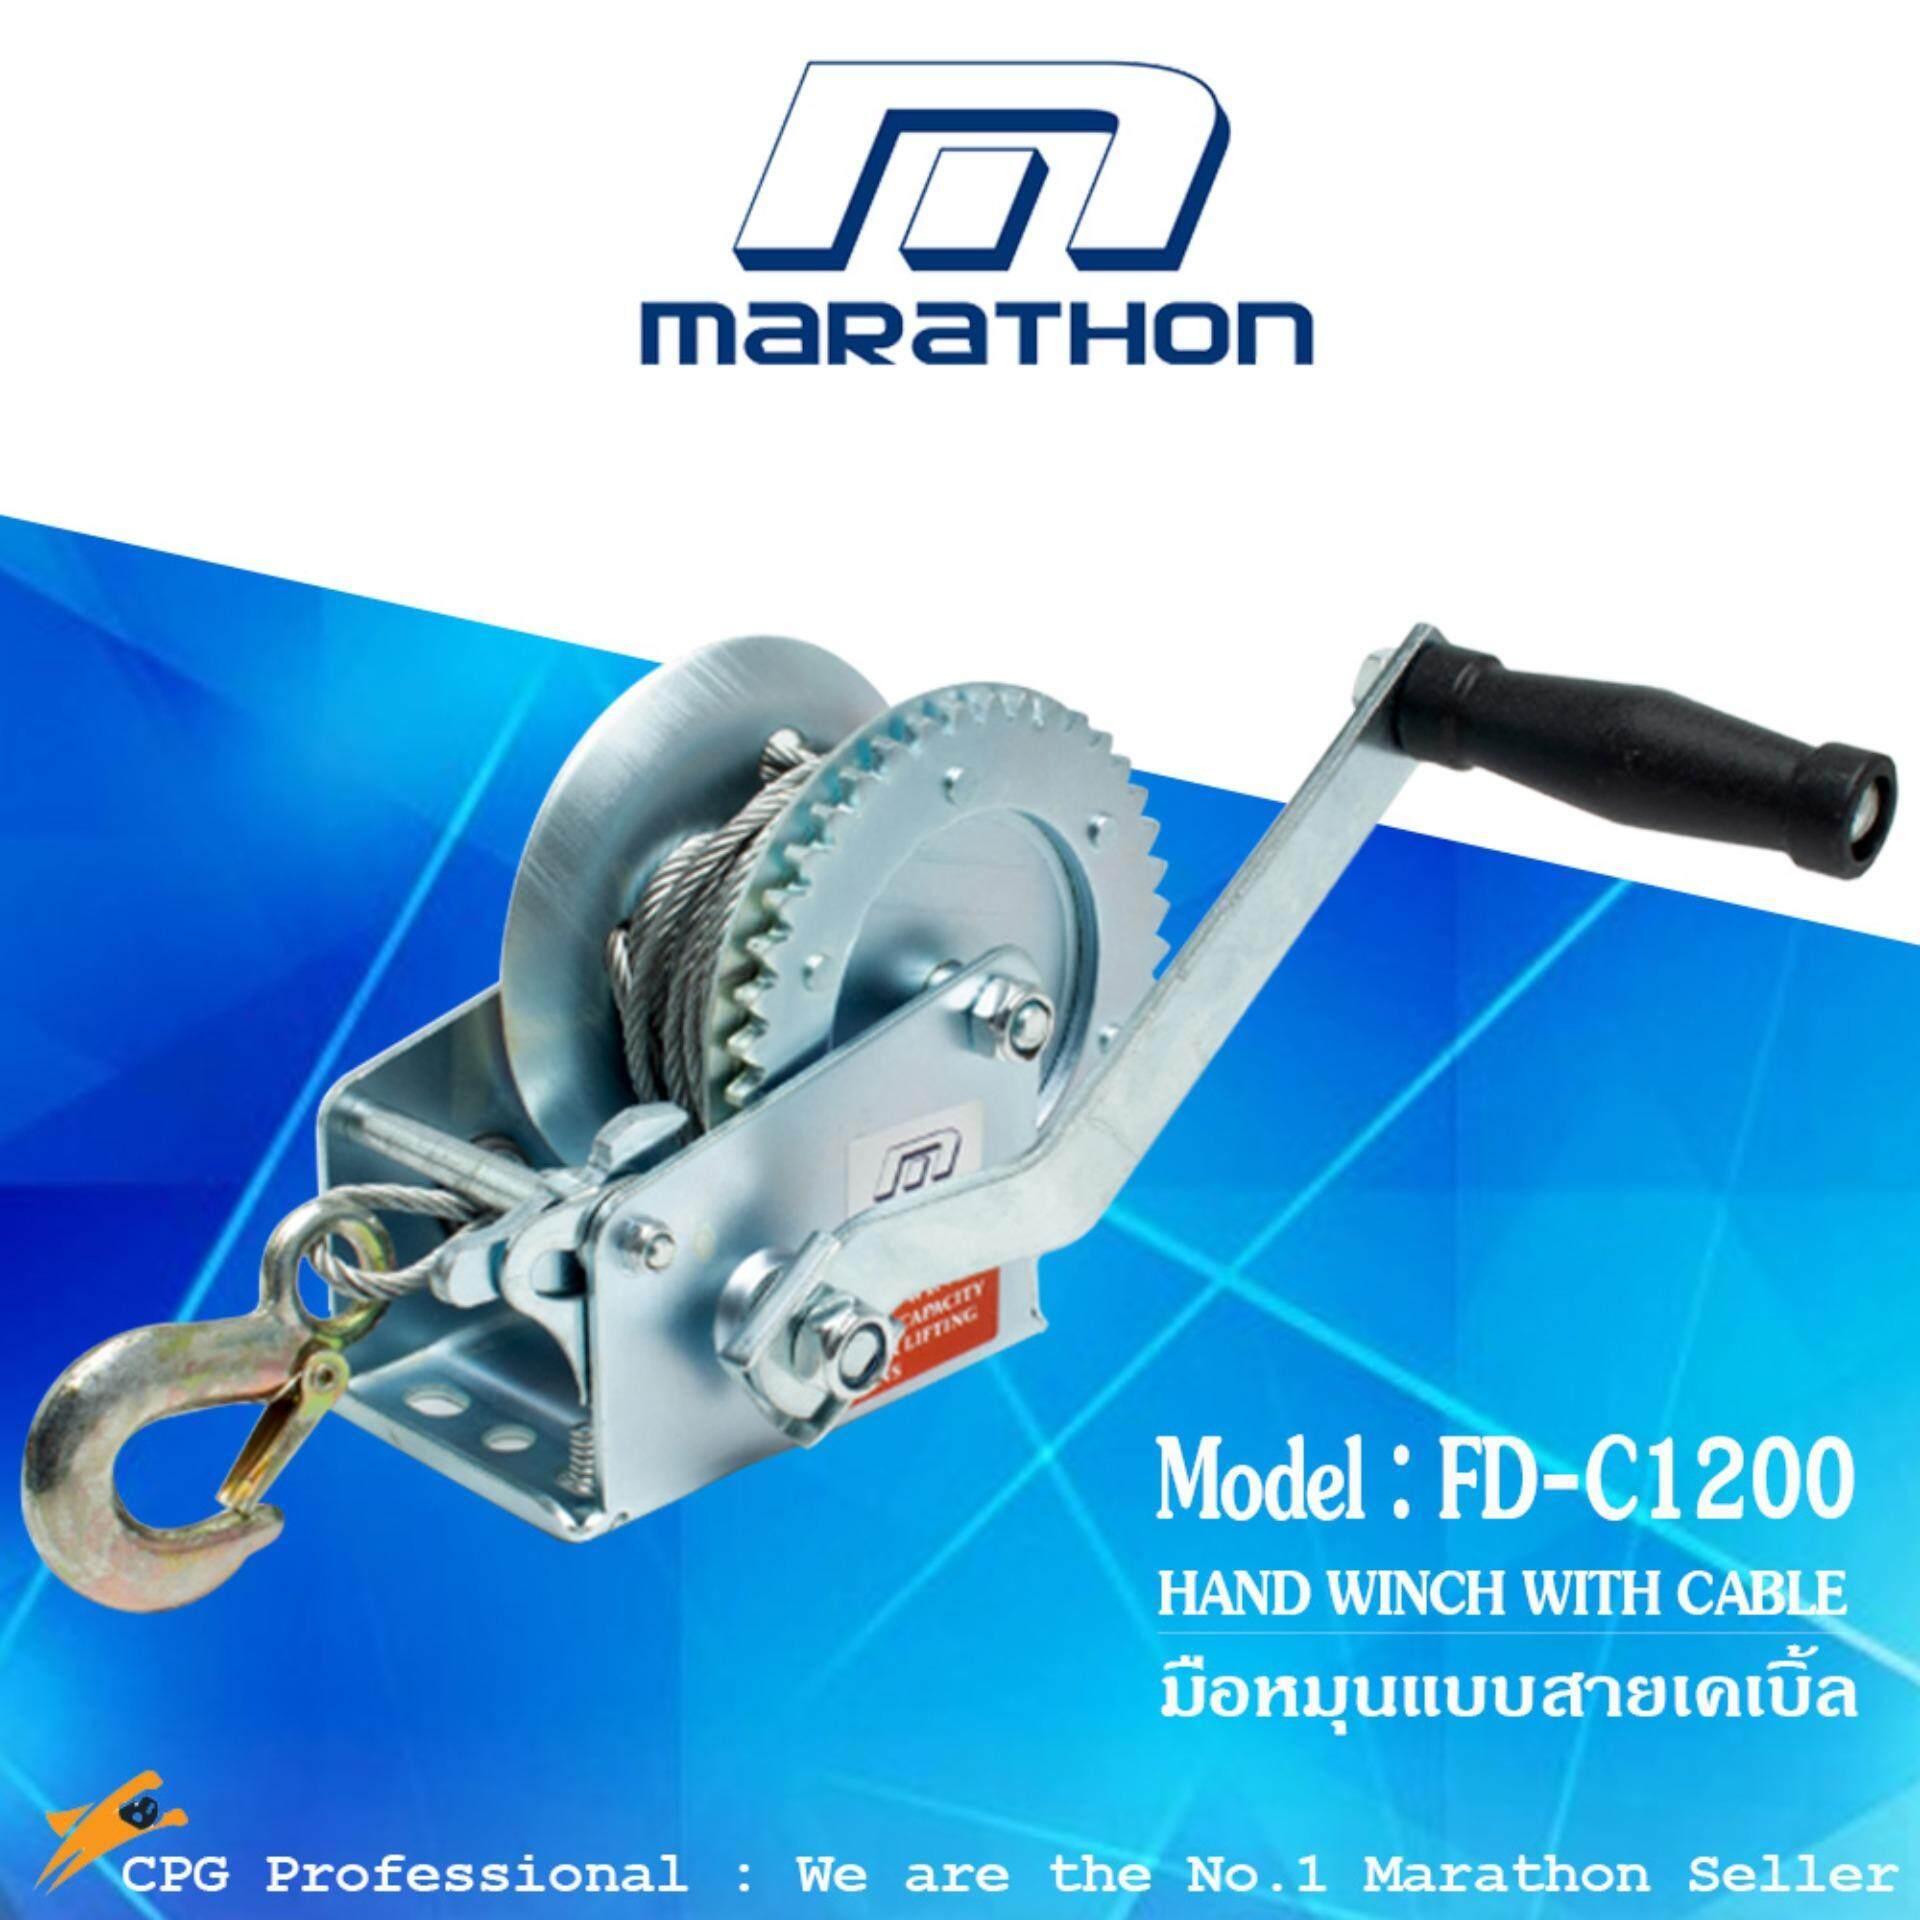 MARATHON กว้านมือหมุน สลิง รับน้ำหนักสูงสุด 540 กก. รุ่น FD-C1200